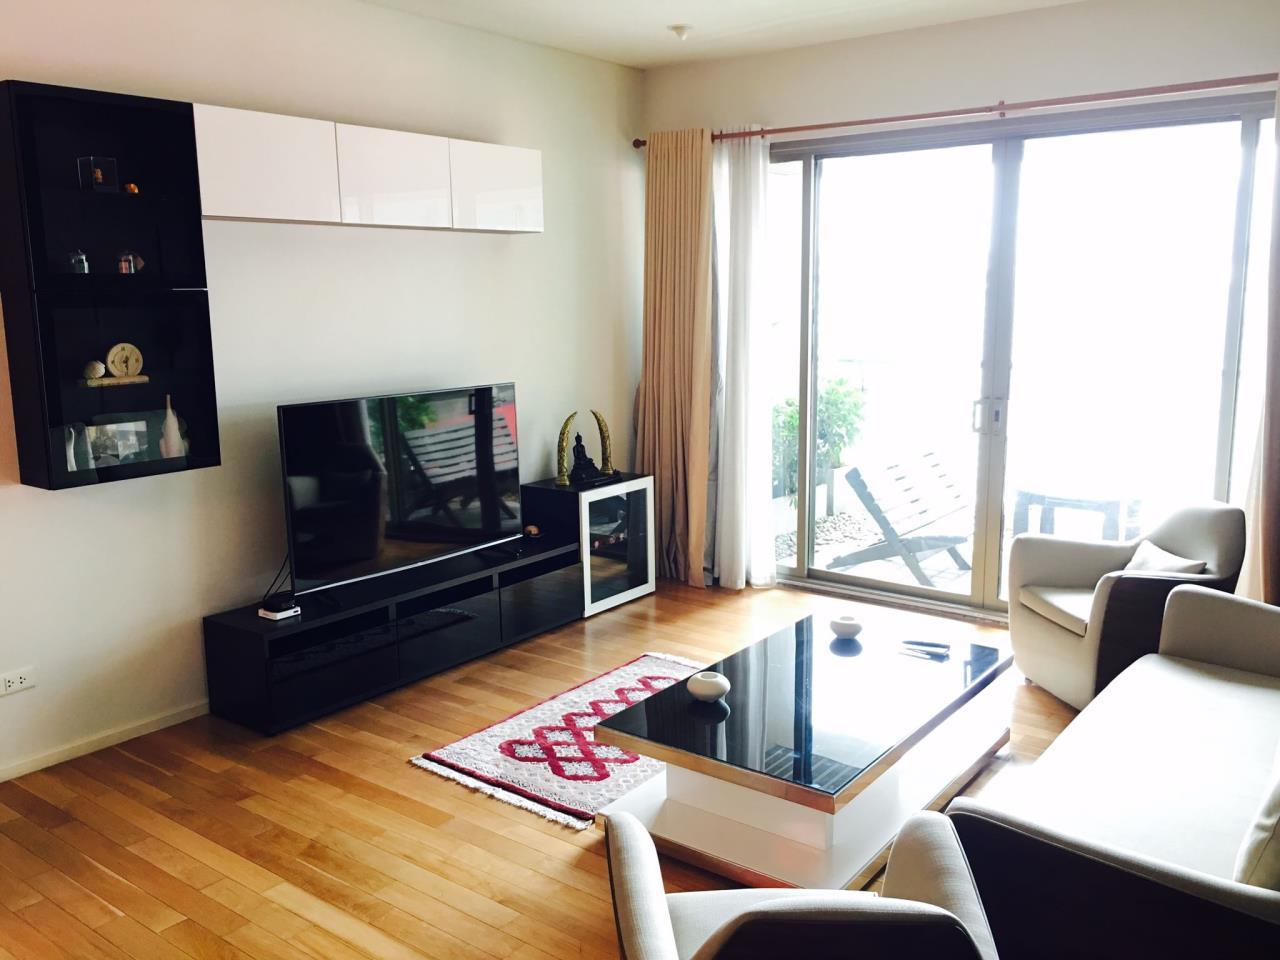 RE/MAX BestLife Agency's The Lakes, 2 Bedroom, 90K, 176SQM, High Floor, Asok 16